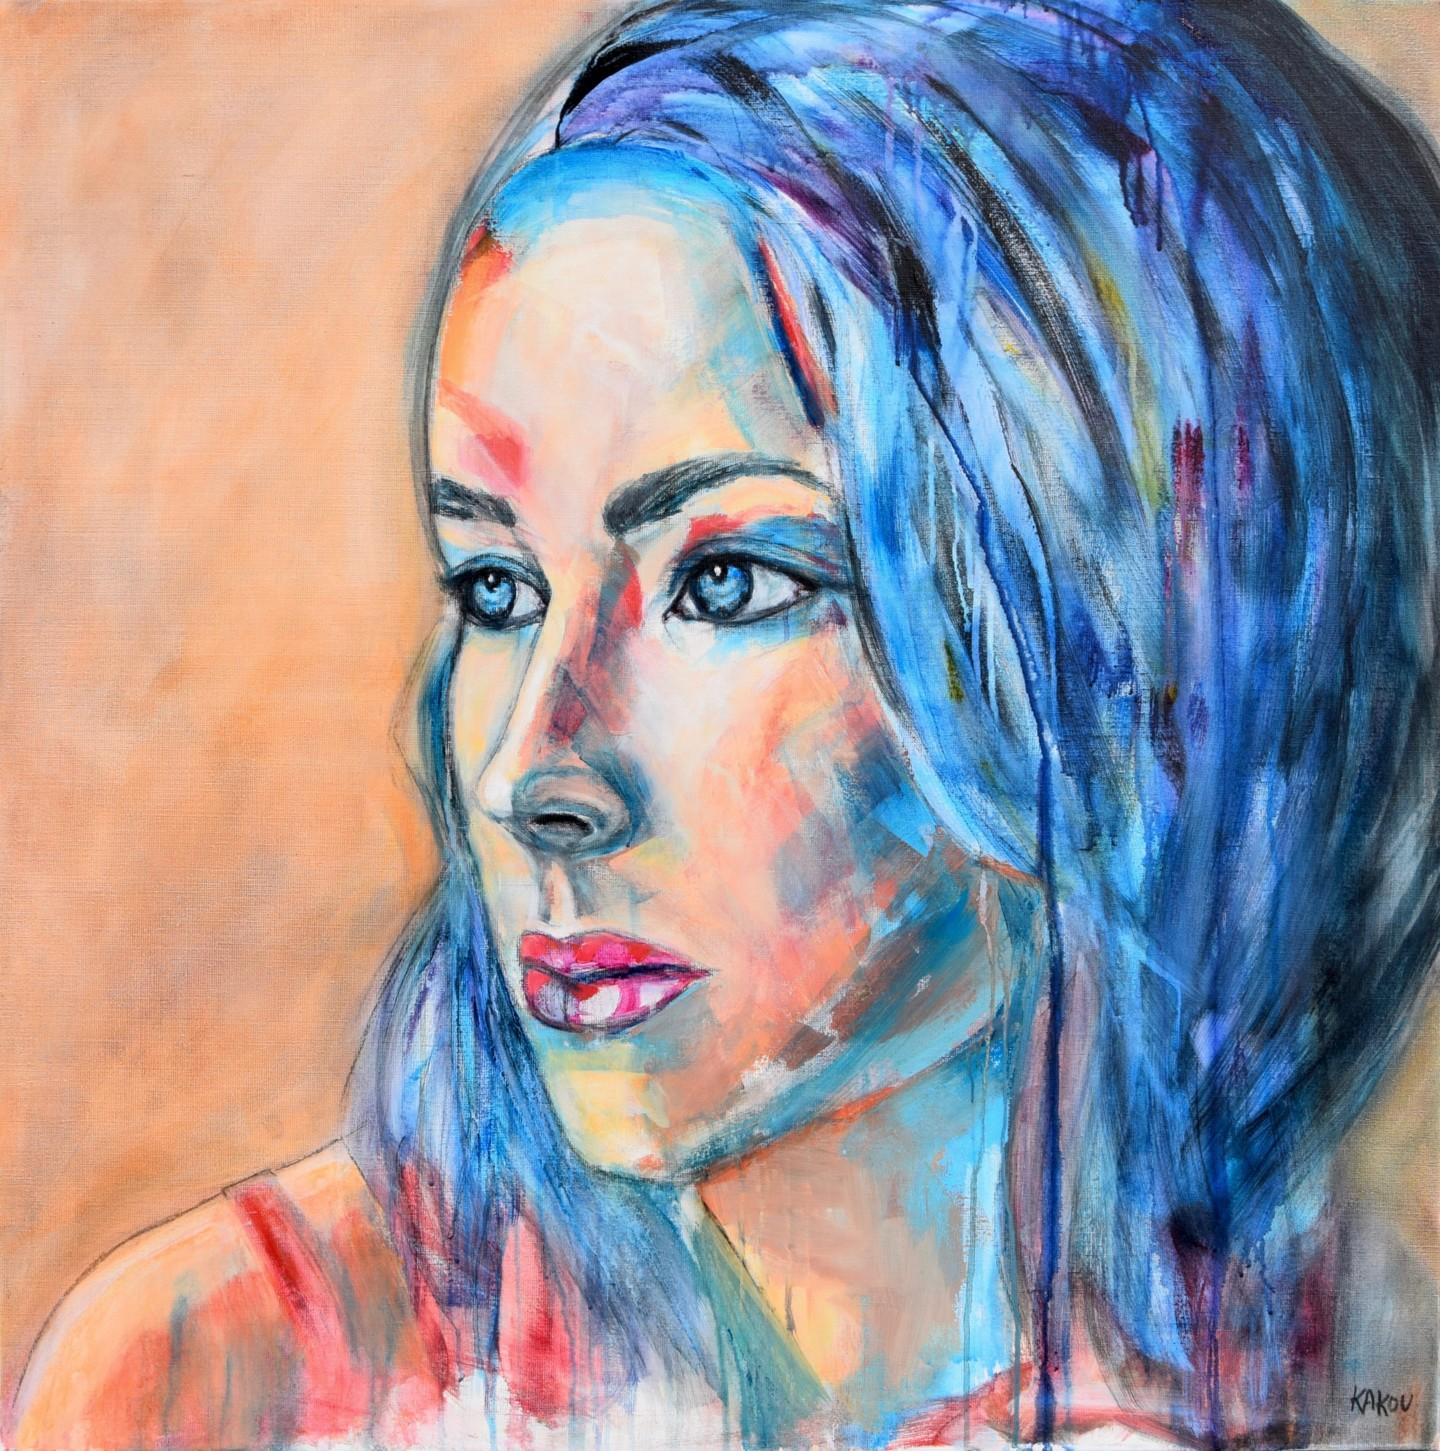 Danielle Dumestre - Pensive